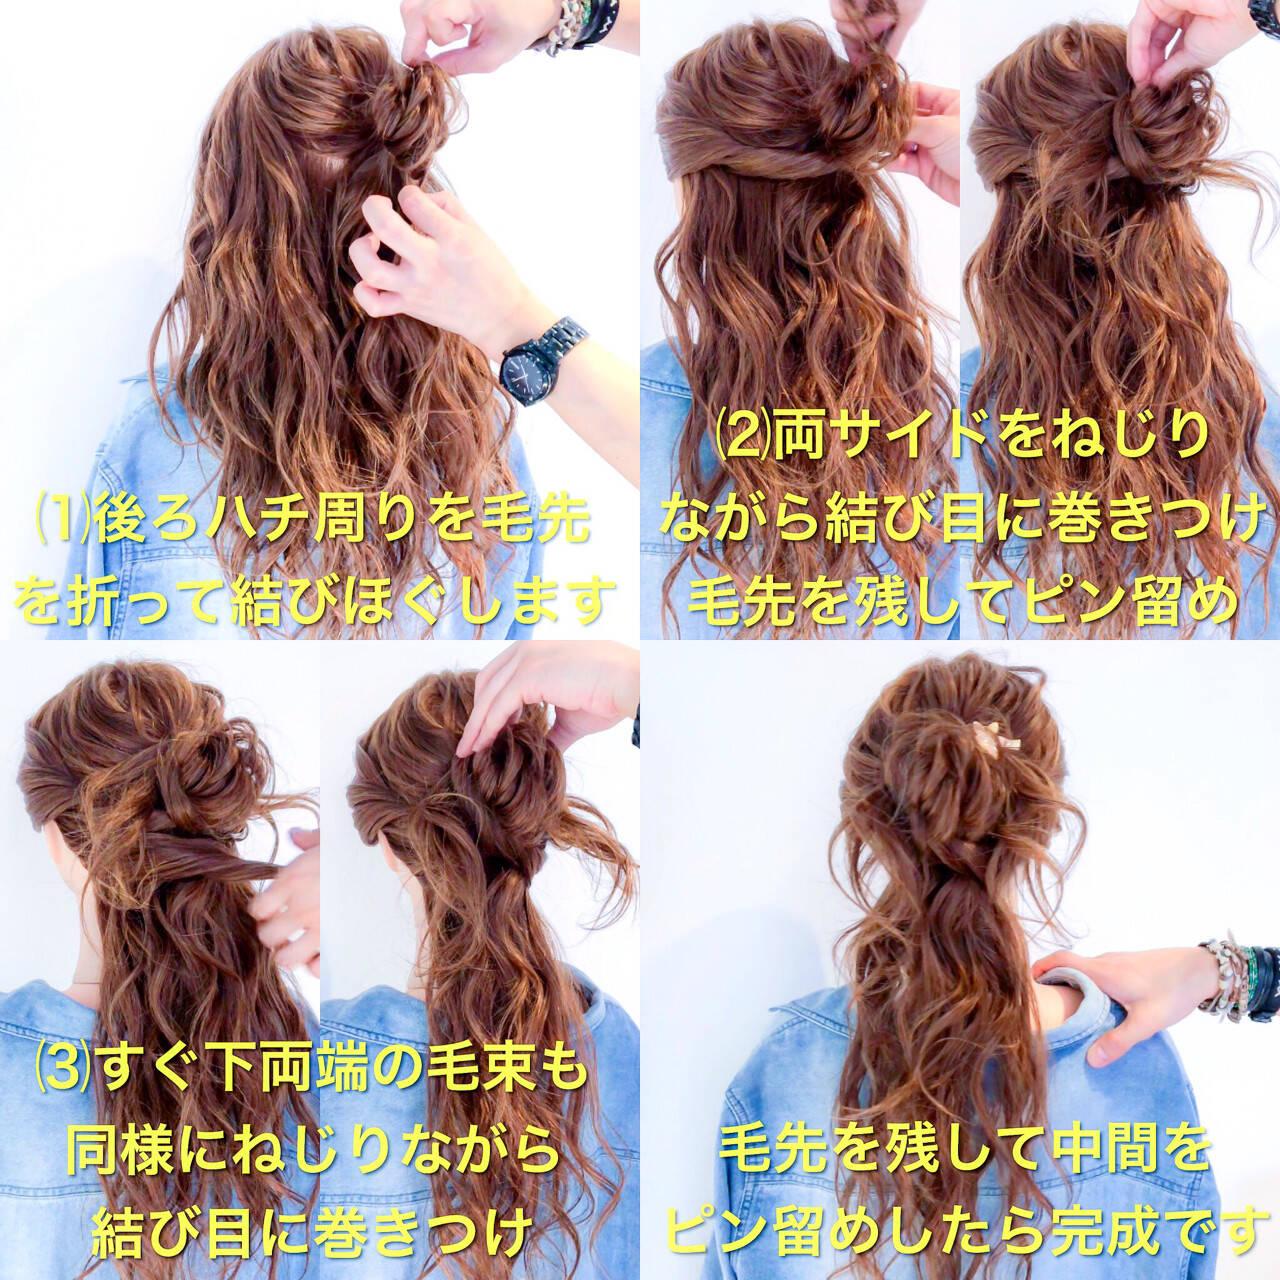 アウトドア ロング ショート 簡単ヘアアレンジヘアスタイルや髪型の写真・画像